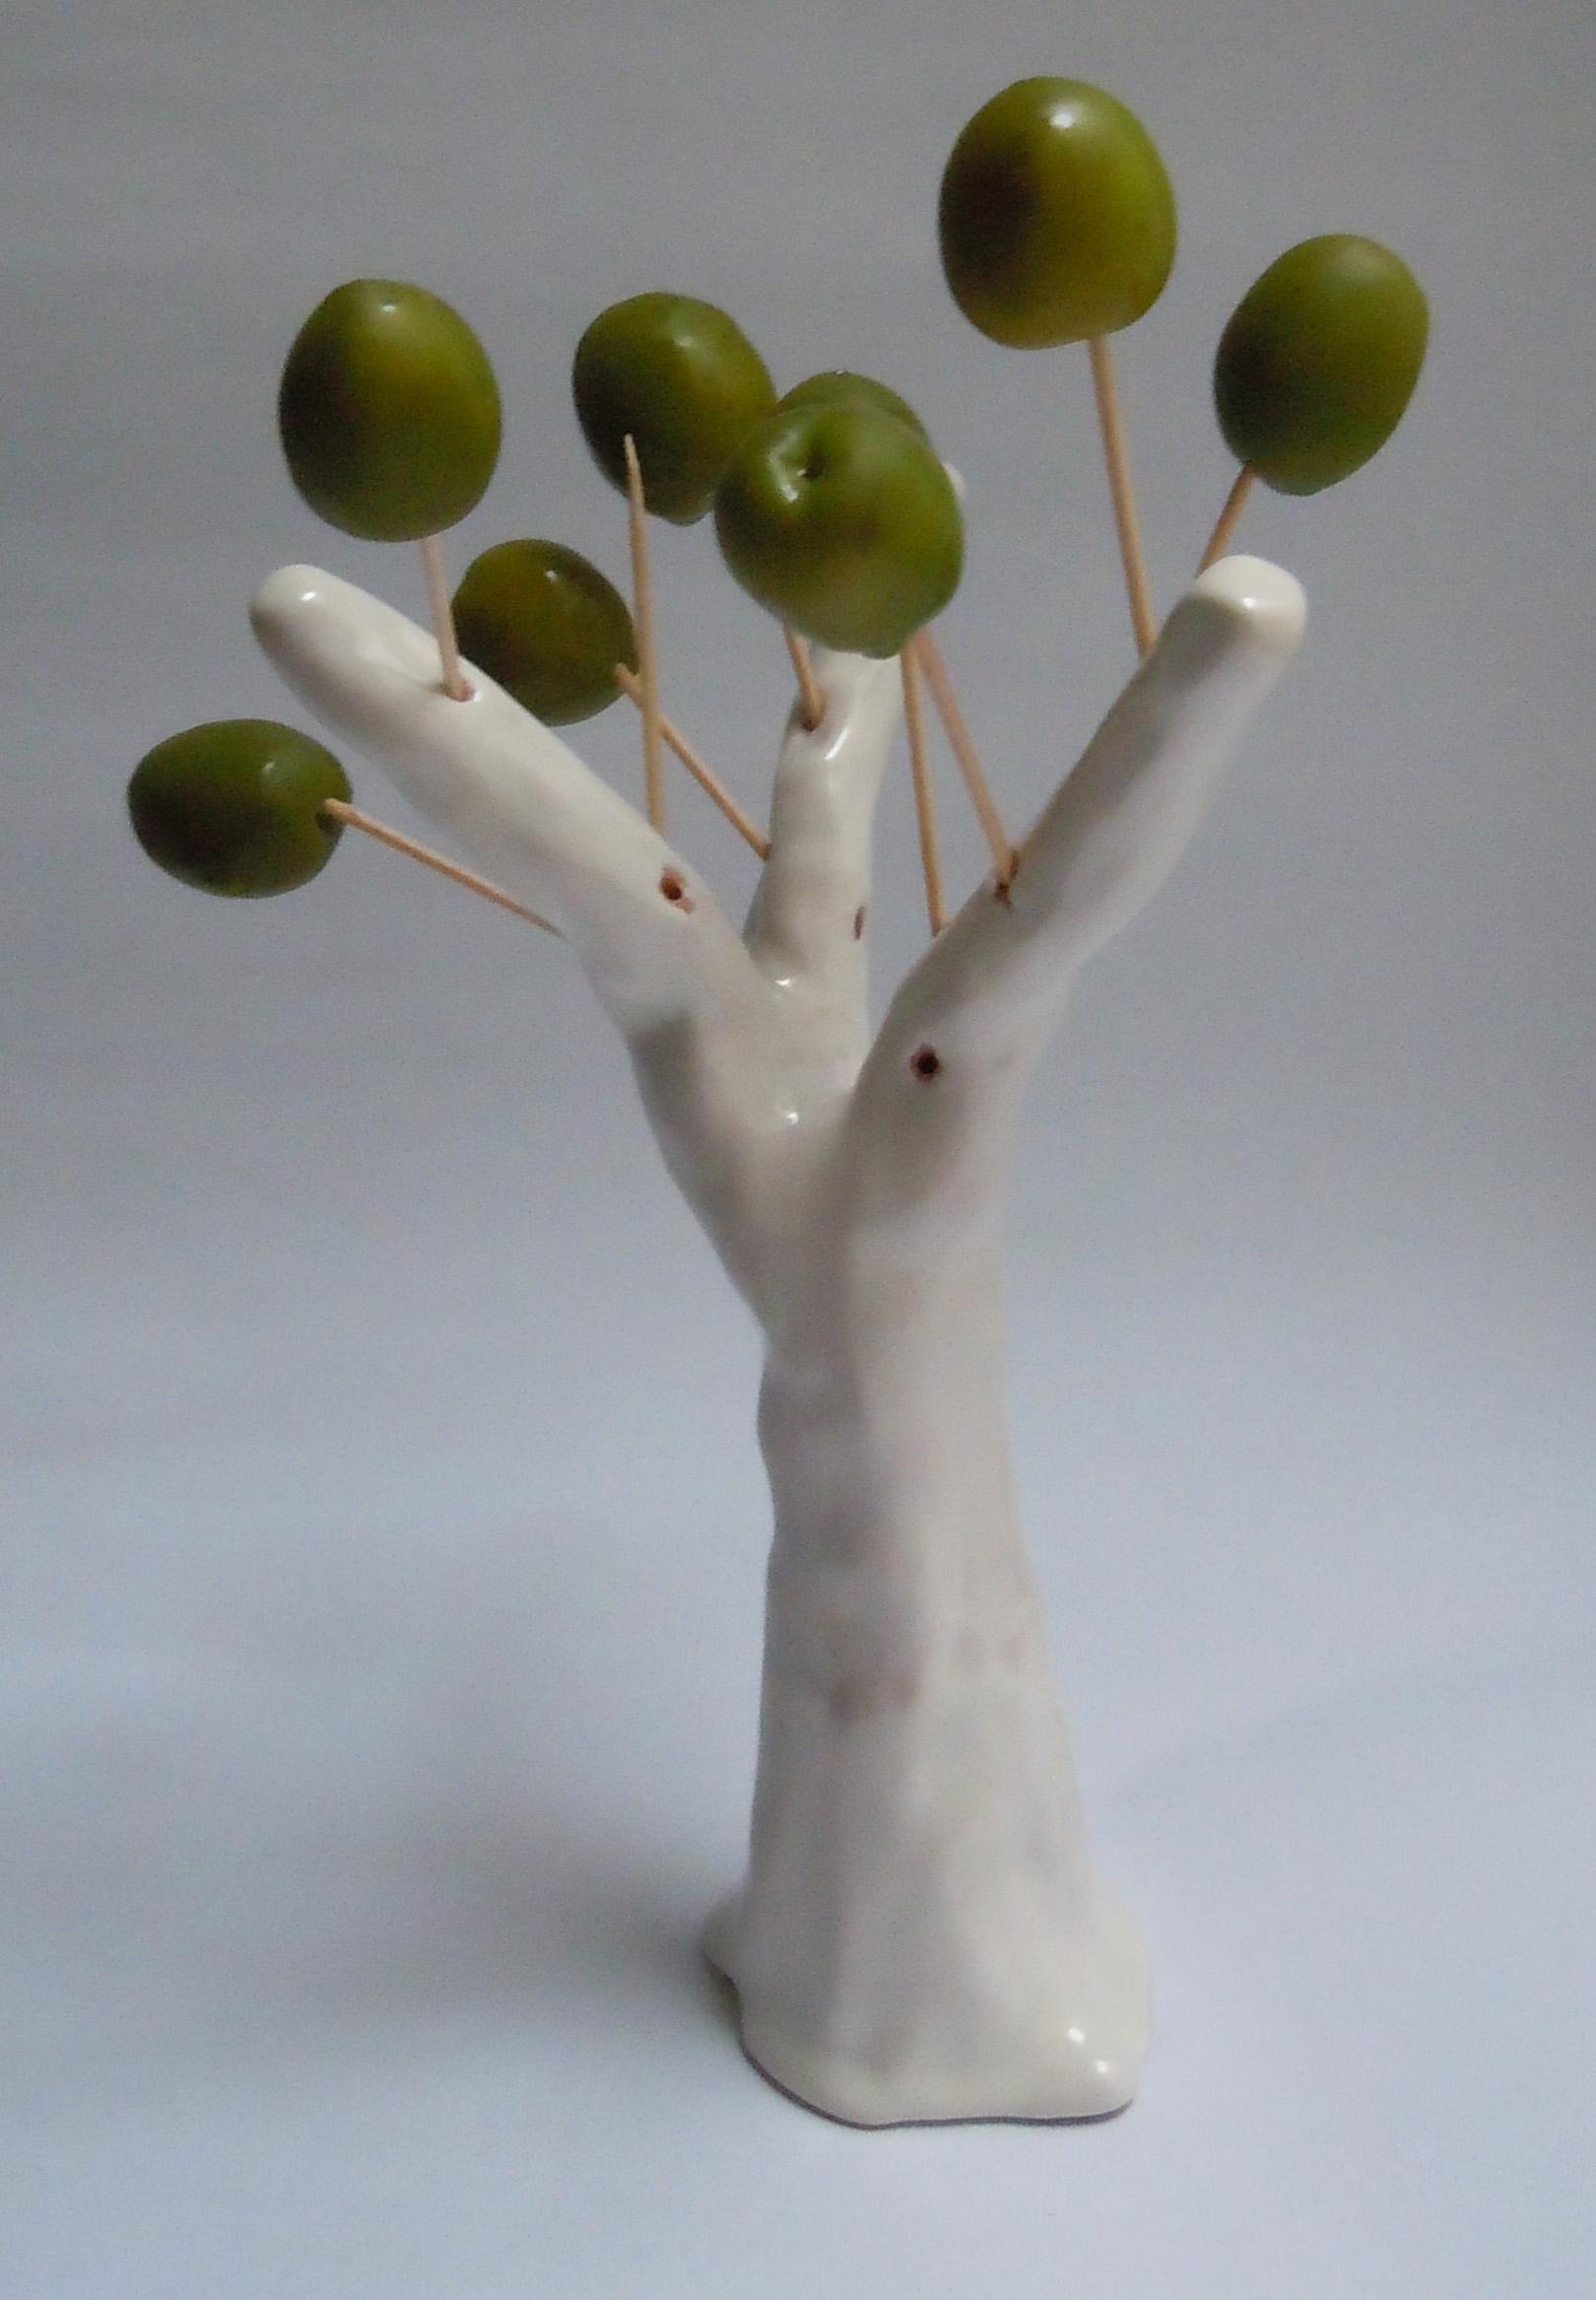 Sappiamo davvero tutto sulle tecniche colturali per ottenere le migliori olive da tavola?